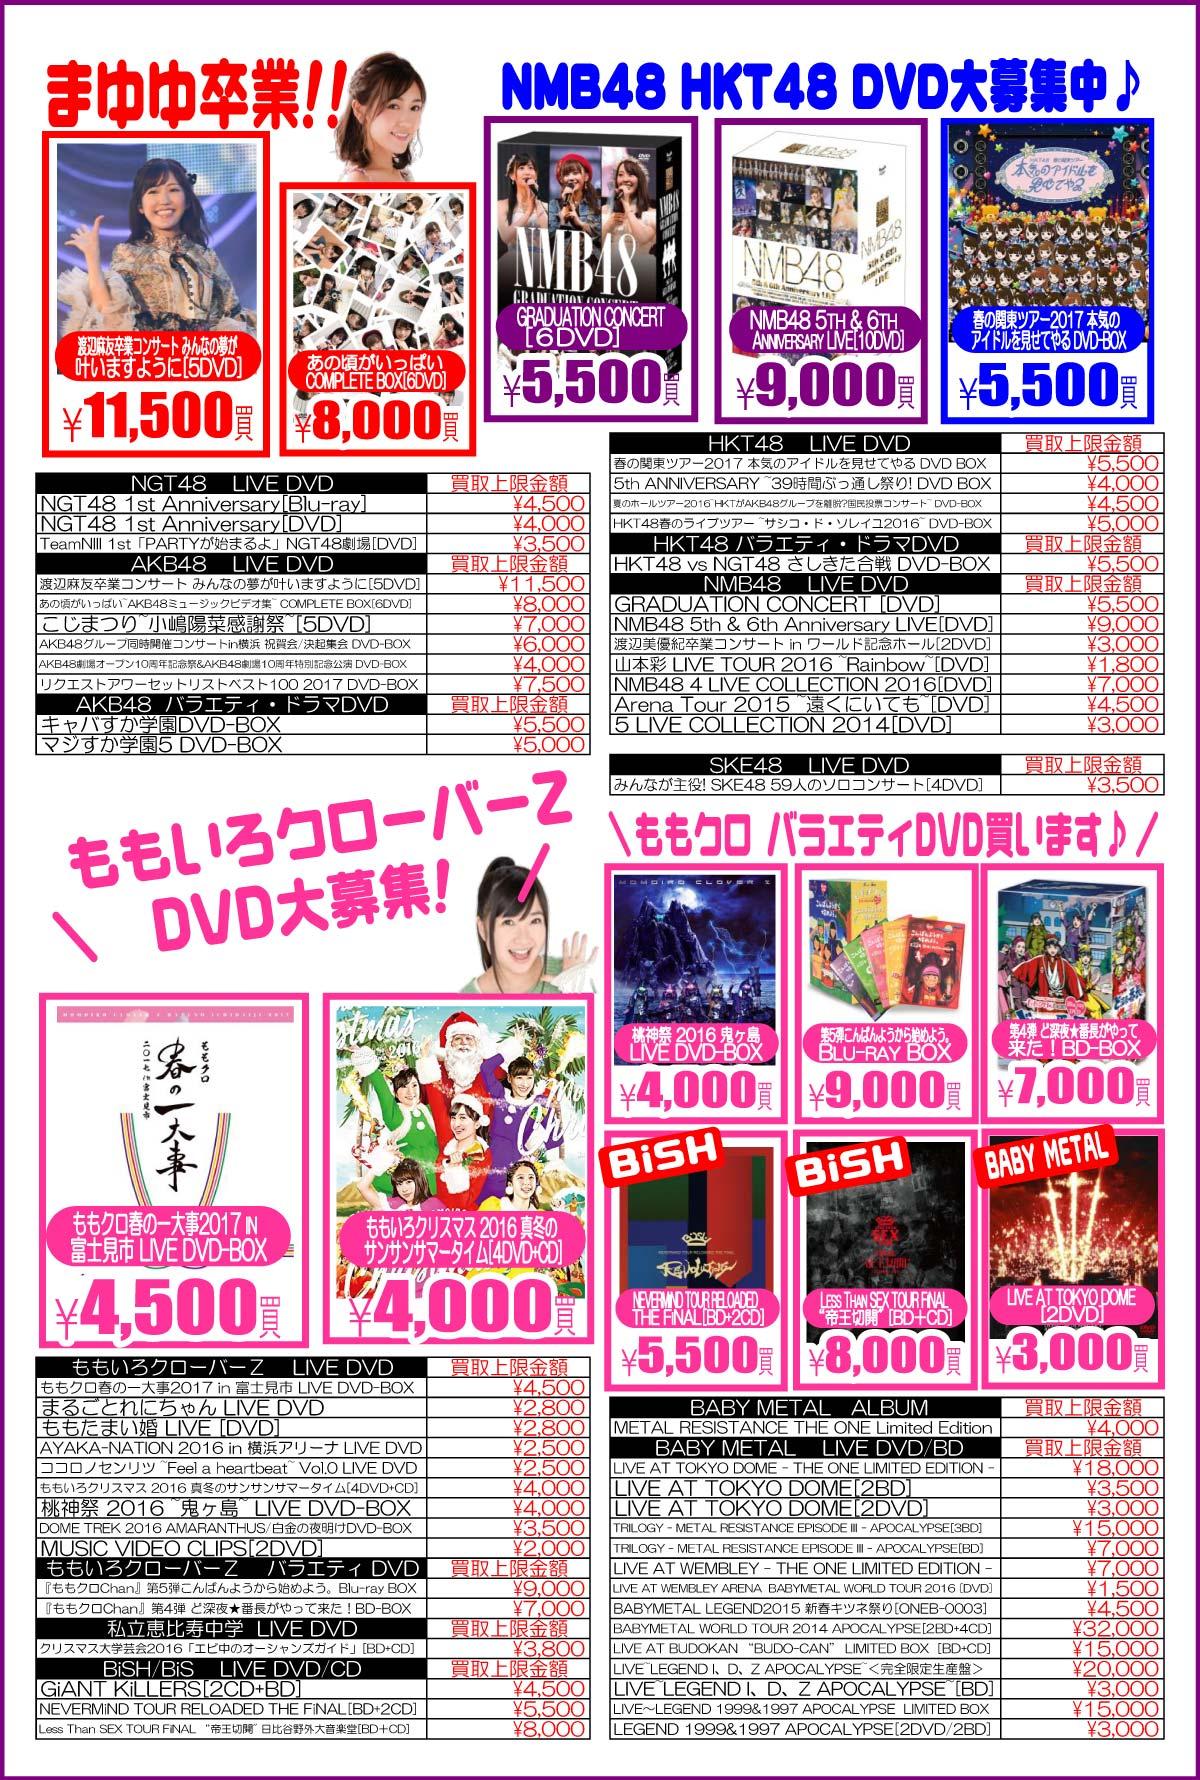 「開放倉庫山城店」CDコーナー<アイドルDVD・BD・CD・GOODS高価買取リスト>まゆゆ・NMB48・HKT48、DVD大募集中♪ももいろクローバーZのDVD大募集!バラエディDVD買います♪